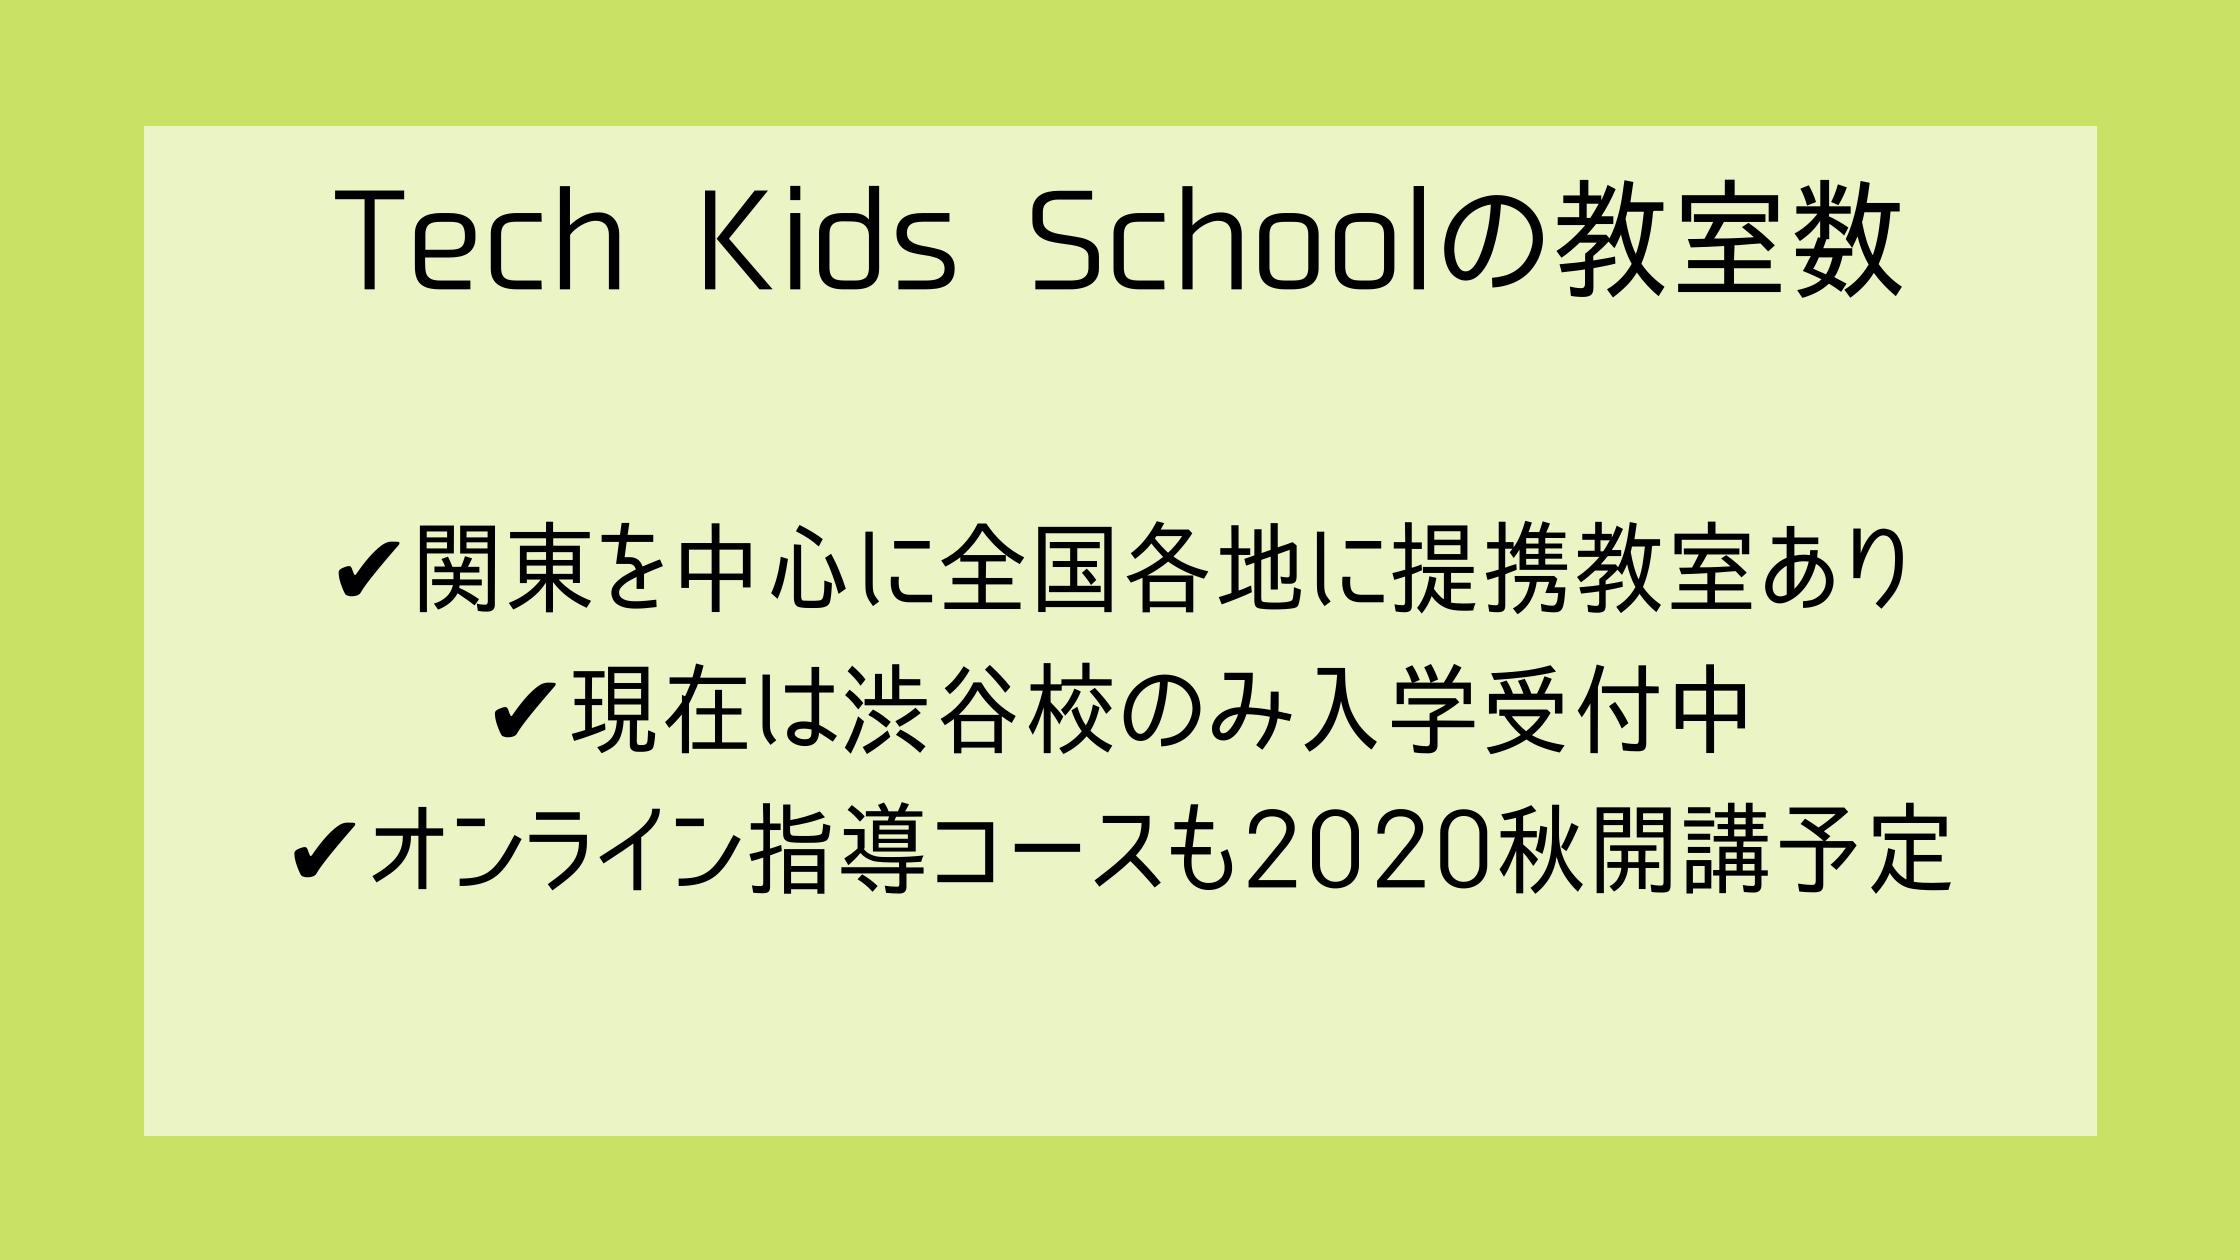 テックキッズスクールの教室数